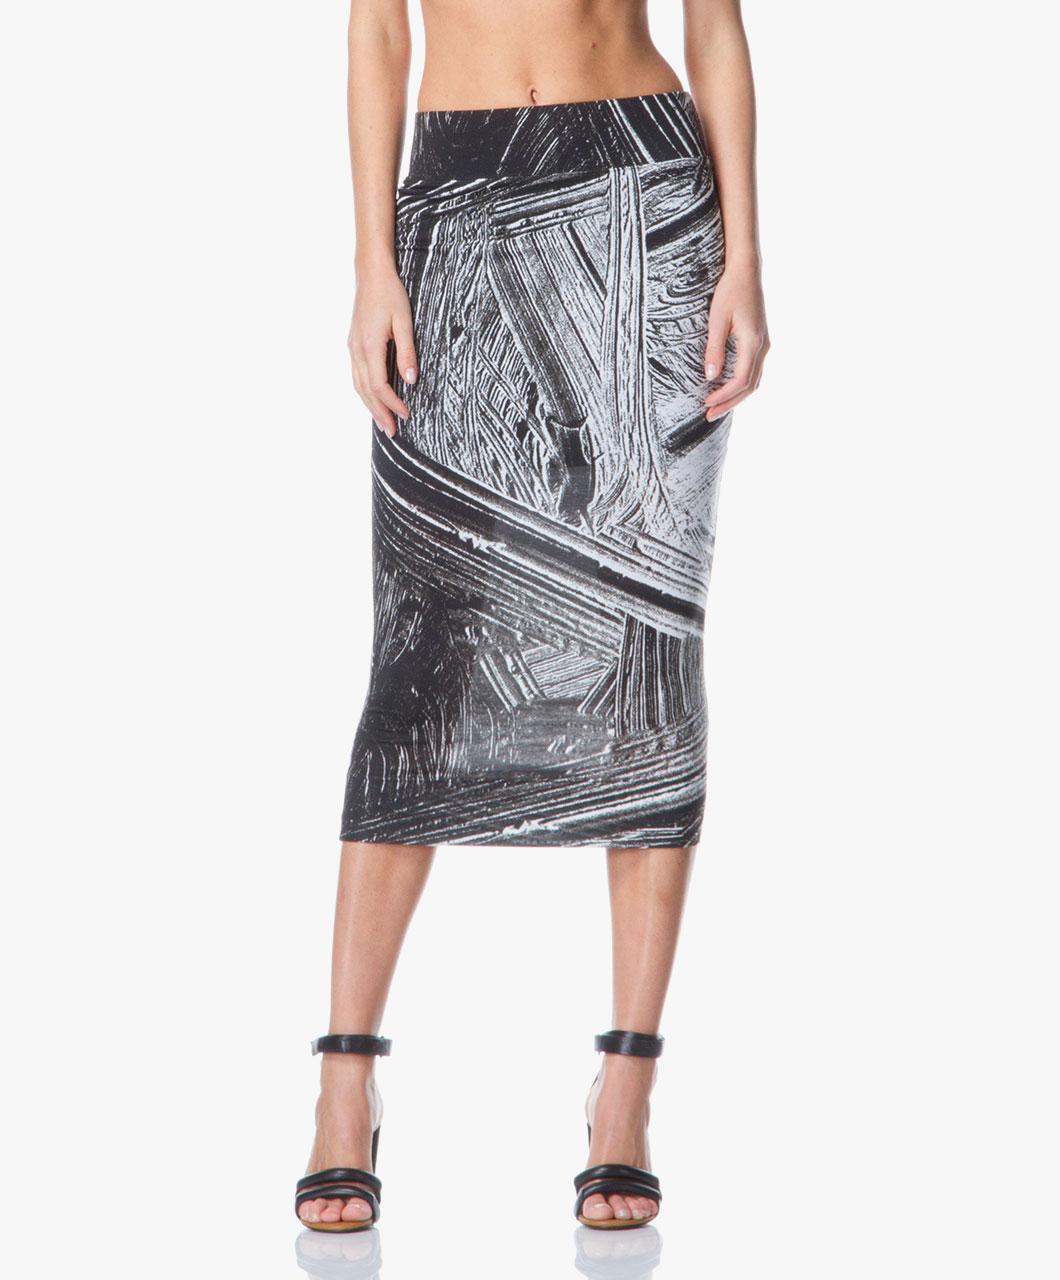 7246cf3dc177d8 Shop the look - Feminine high-fashion